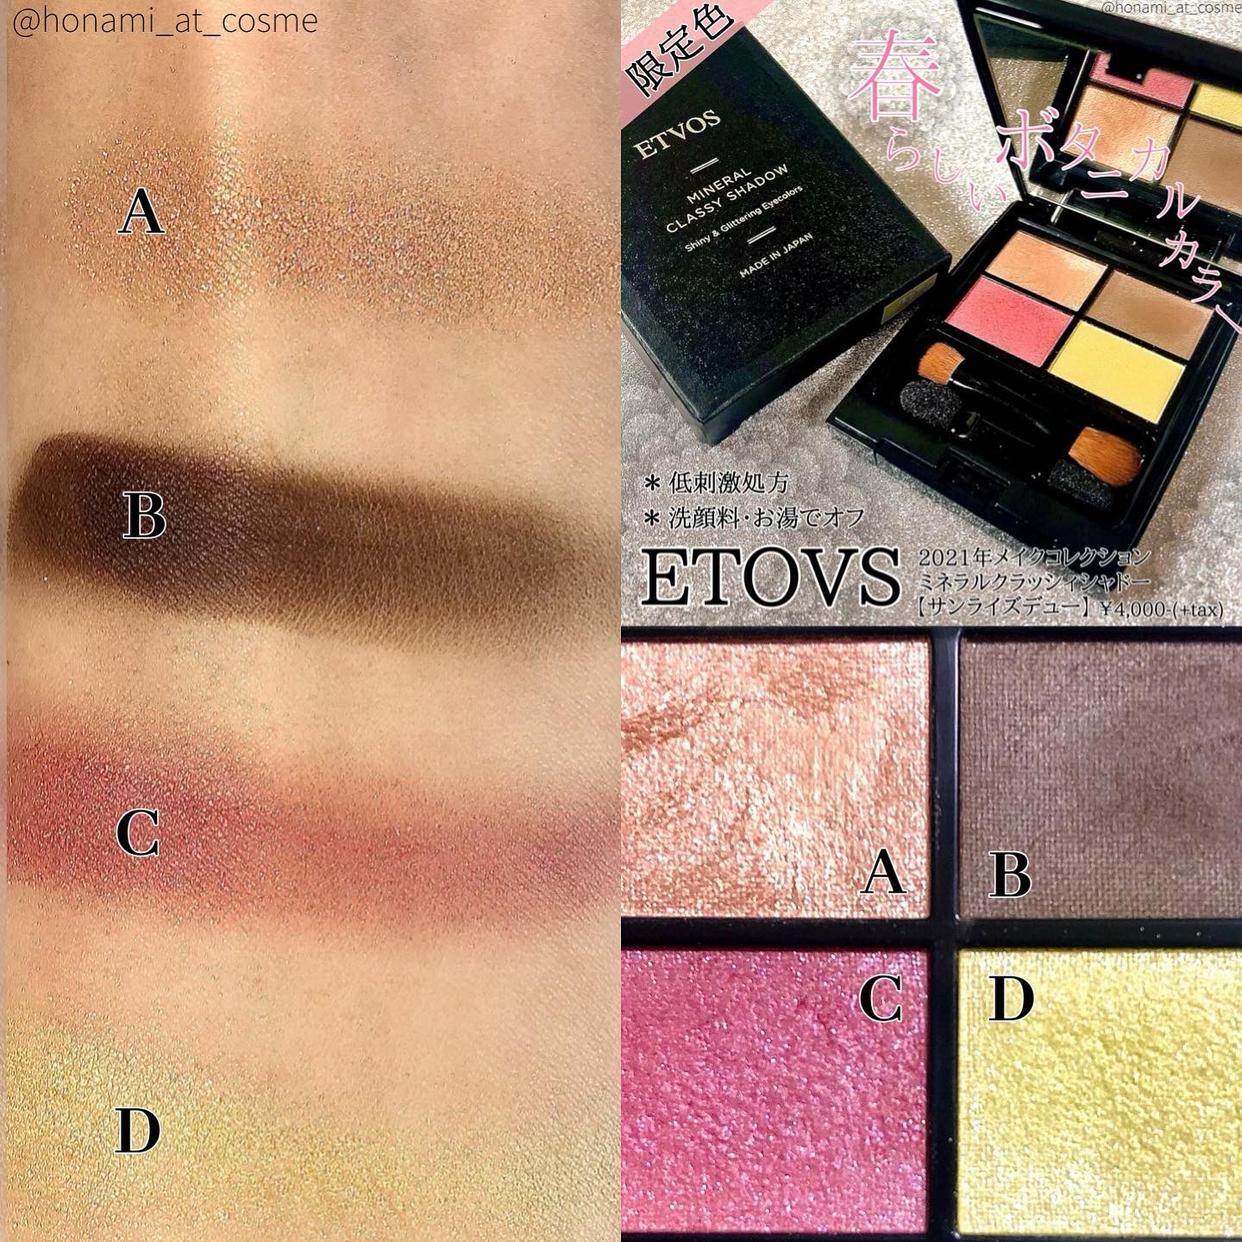 ETVOS(エトヴォス) ミネラルクラッシィシャドーを使ったほなみ☺︎さんのクチコミ画像2